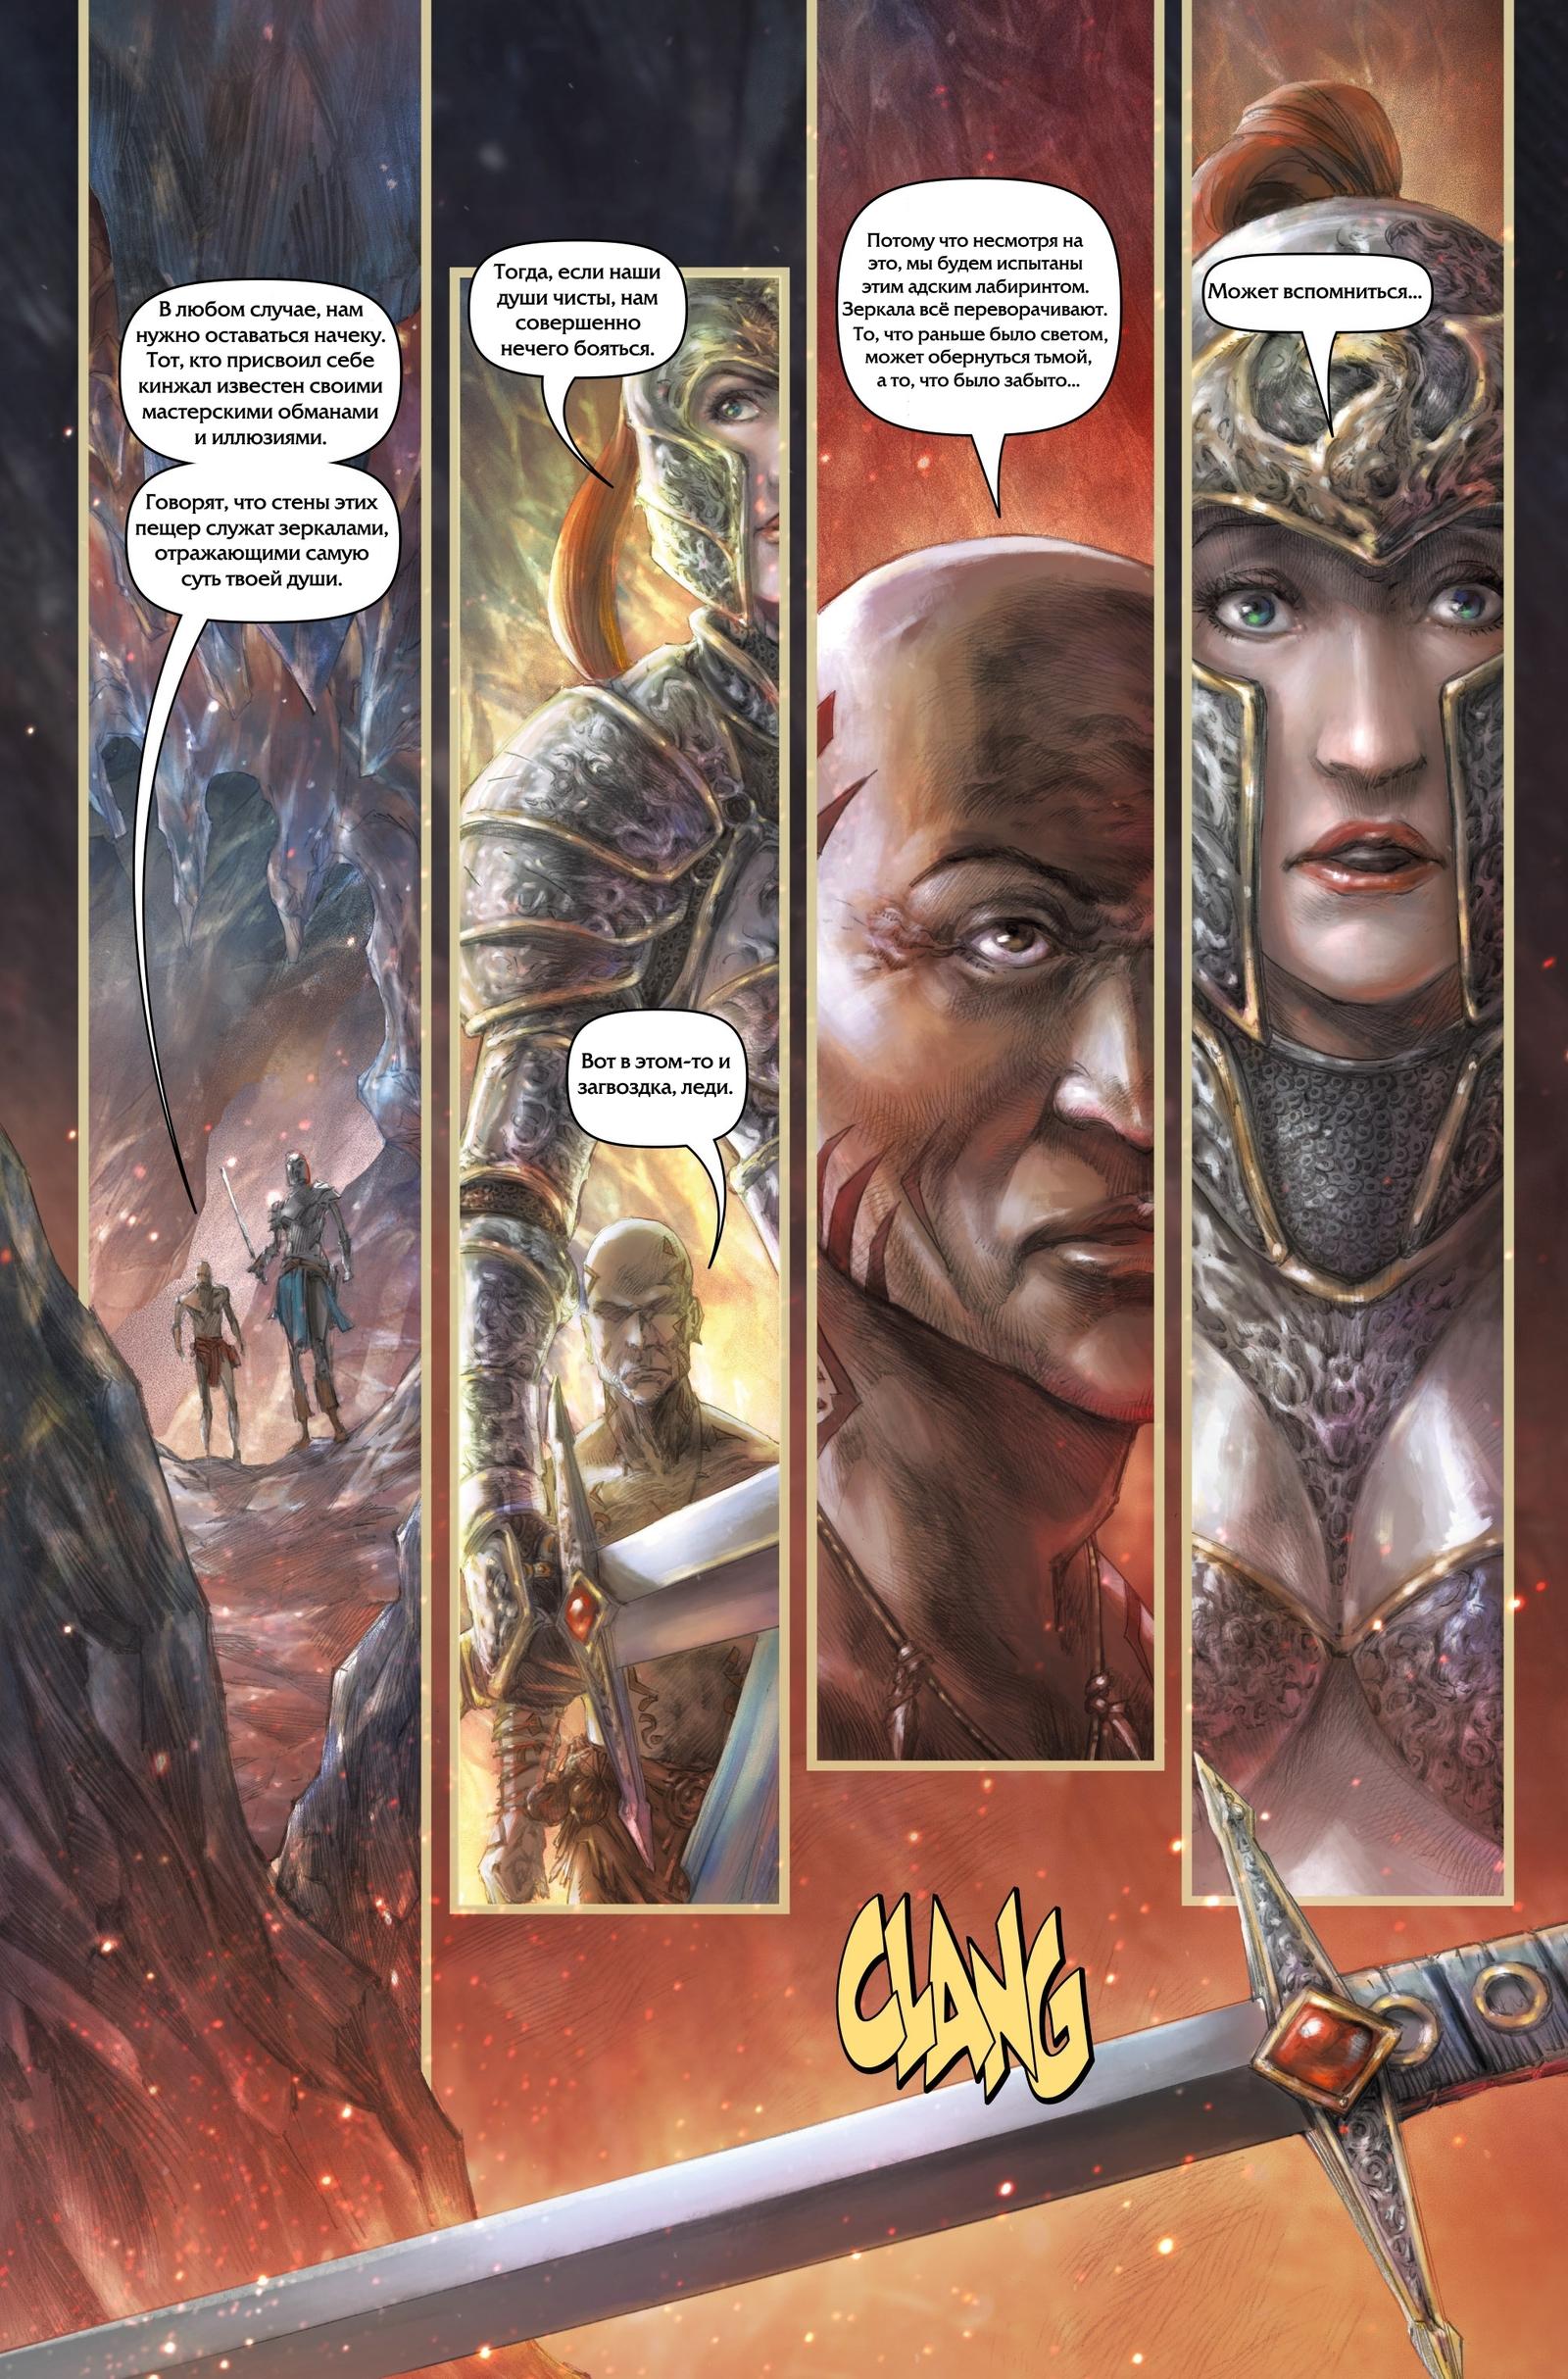 Немного комиксов по Dark Souls.(часть 1) - Изображение 8